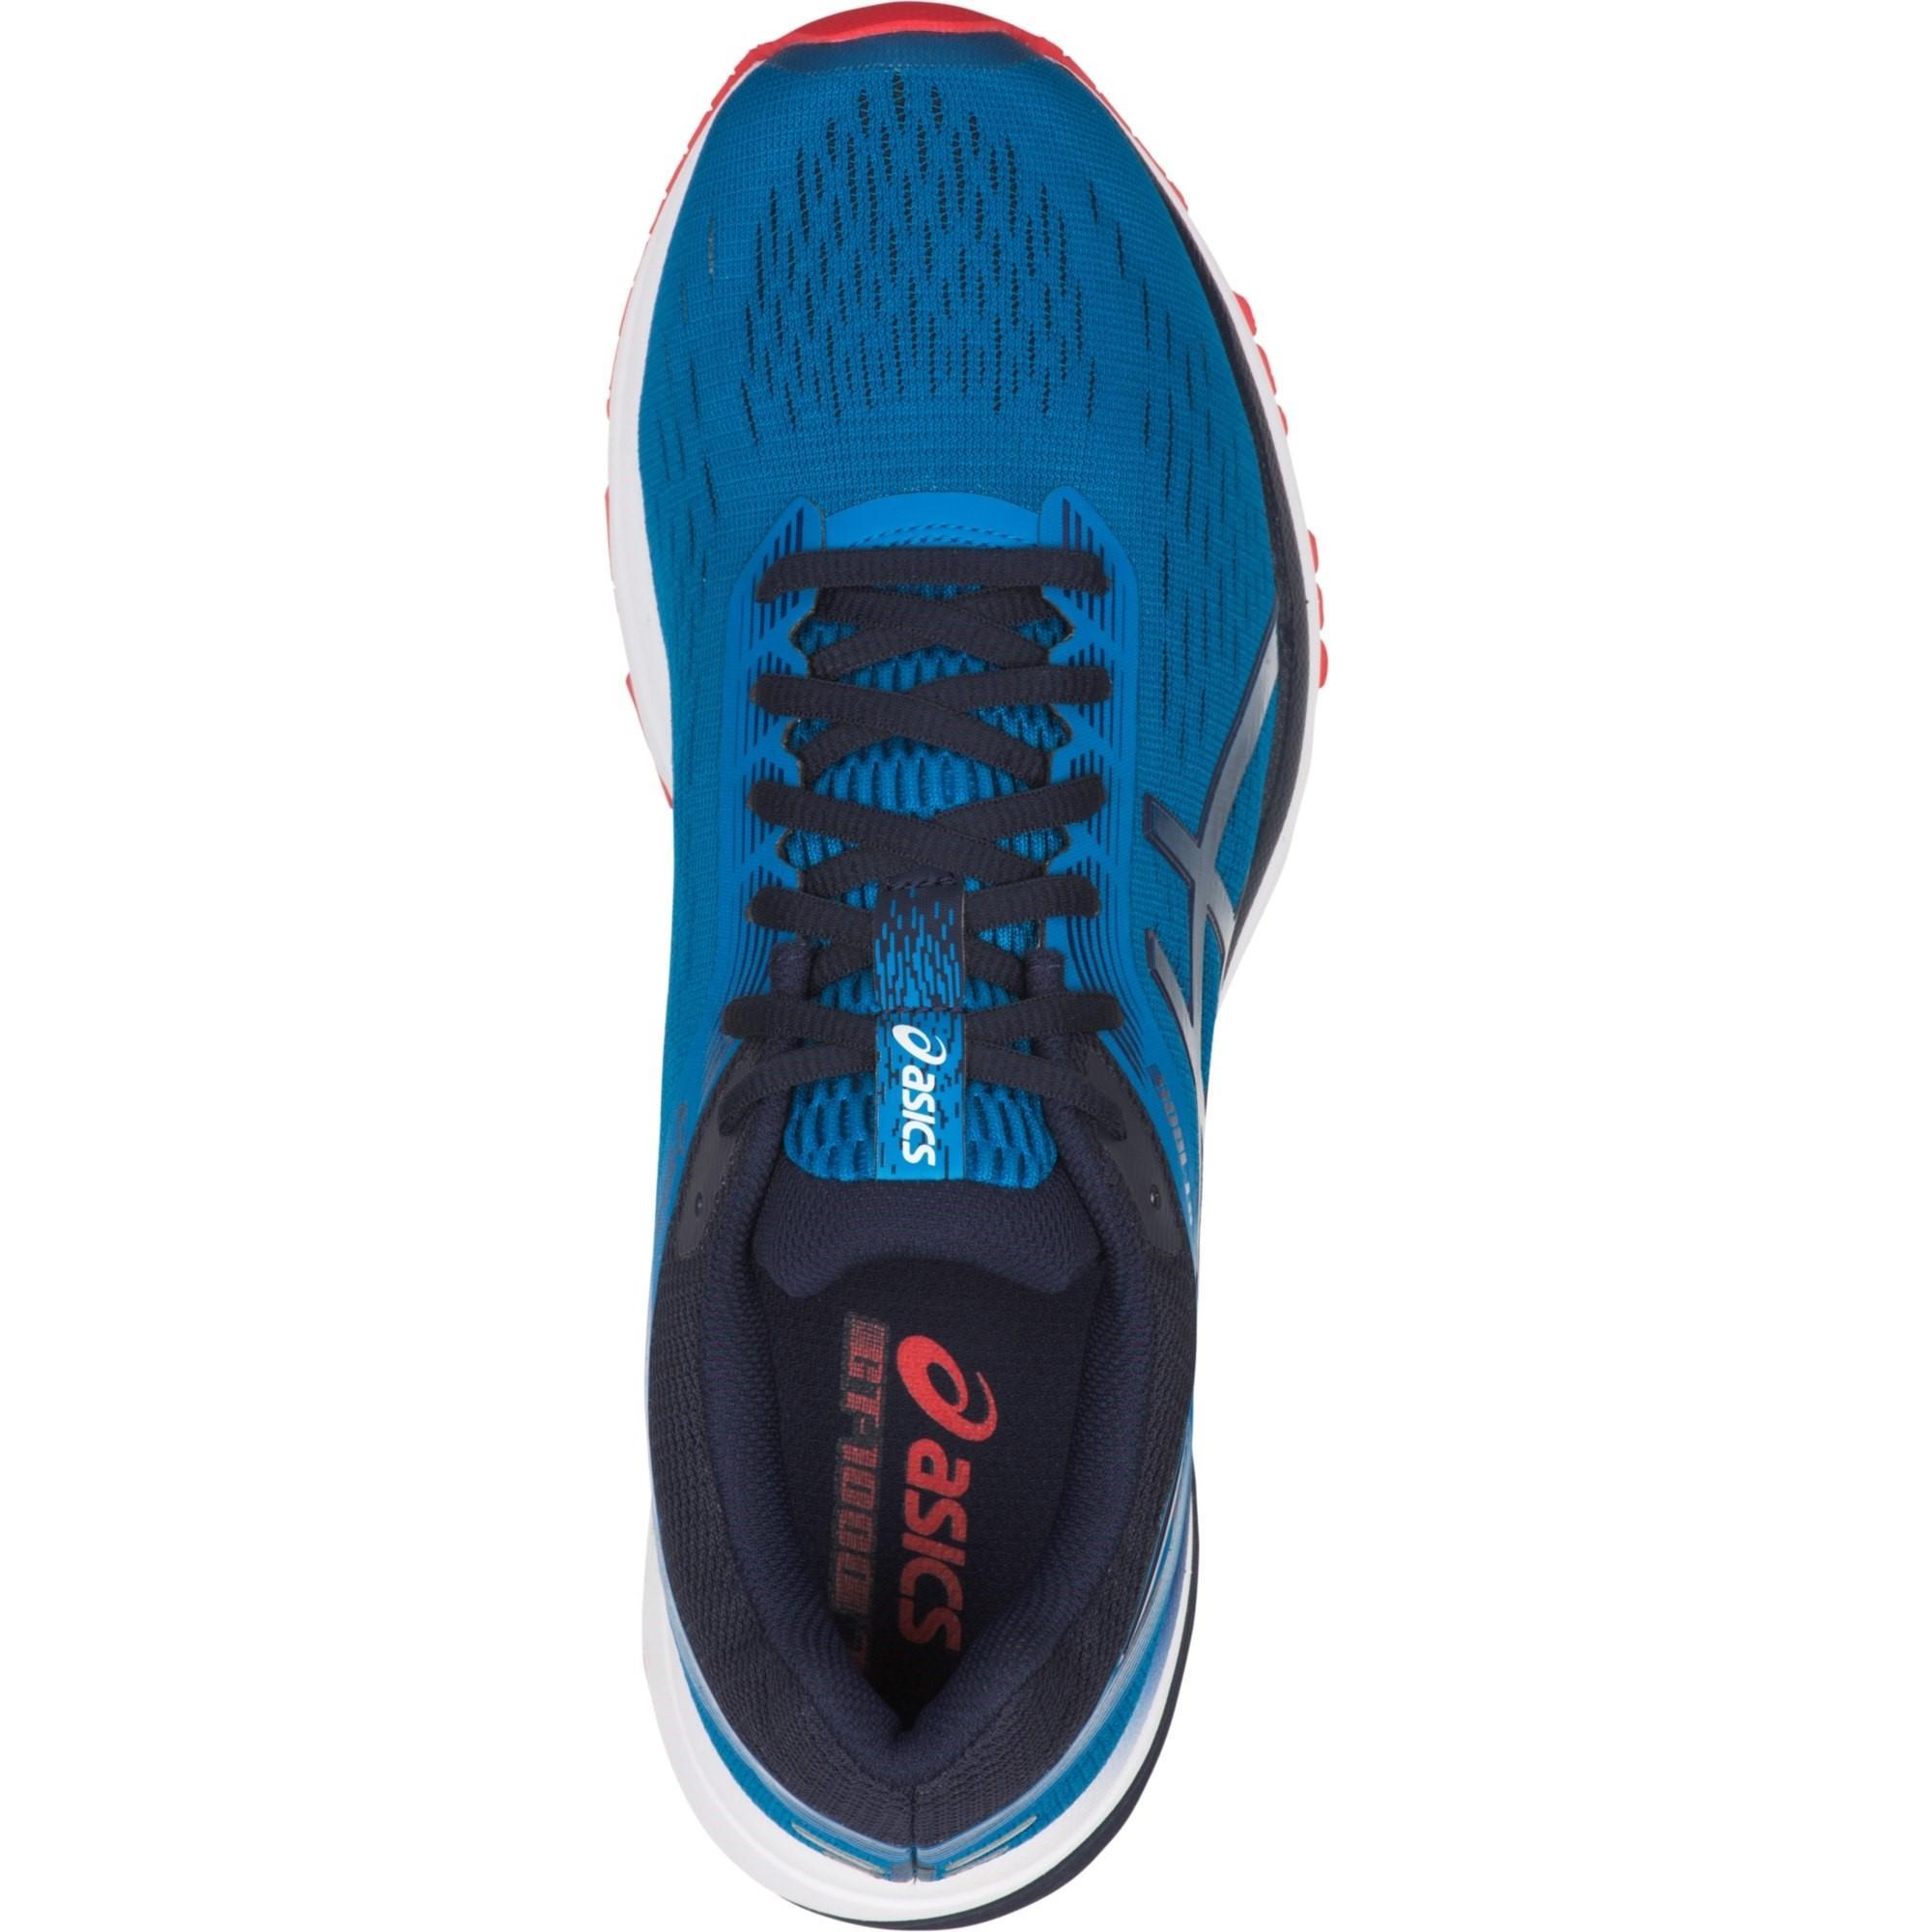 6d43ba683f Asics Mens GT-1000 7 Running Shoes - Race Blue/Peacoat - Tennisnuts.com